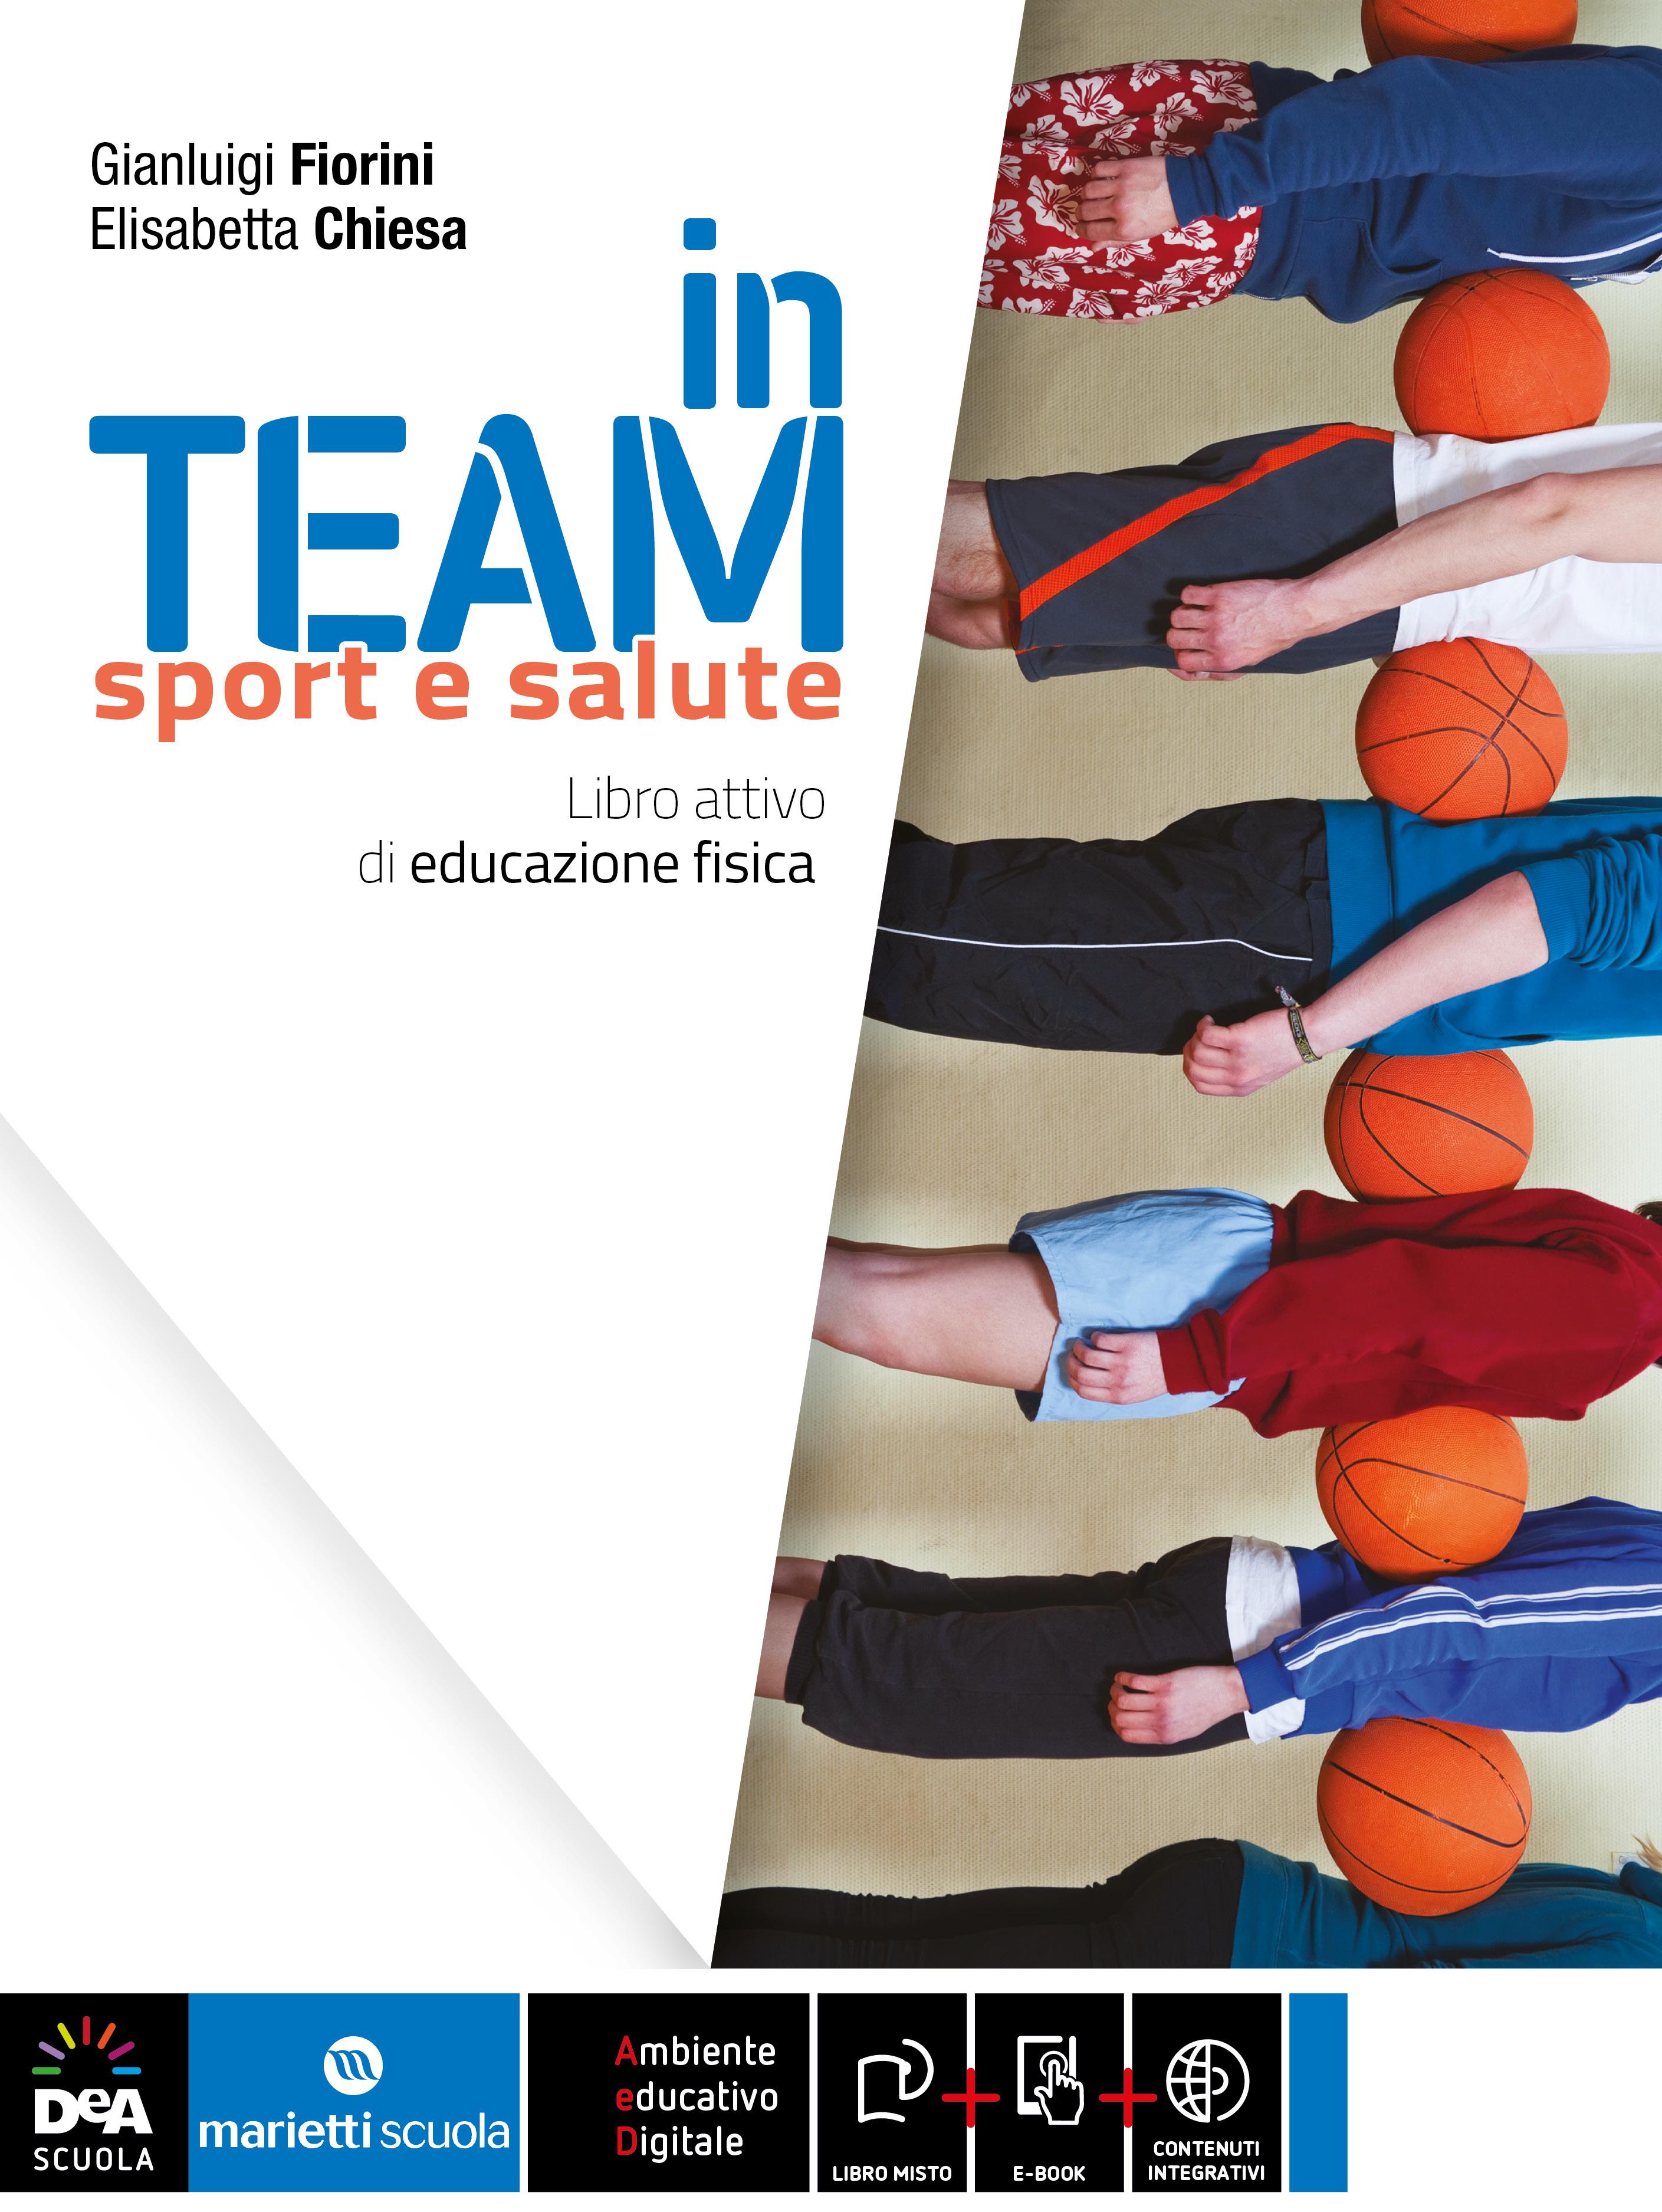 In Team Sport E Salute Dea Scuola